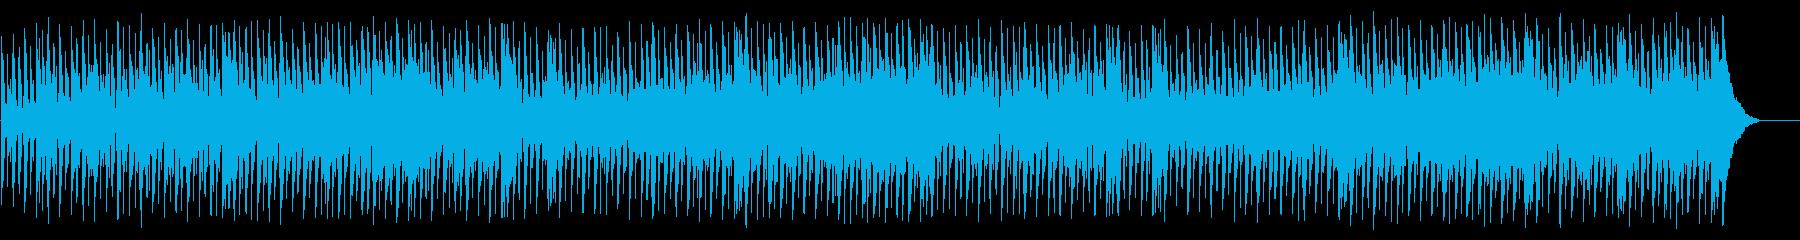 三味線 尺八 さびしい 紀行 伝統の再生済みの波形